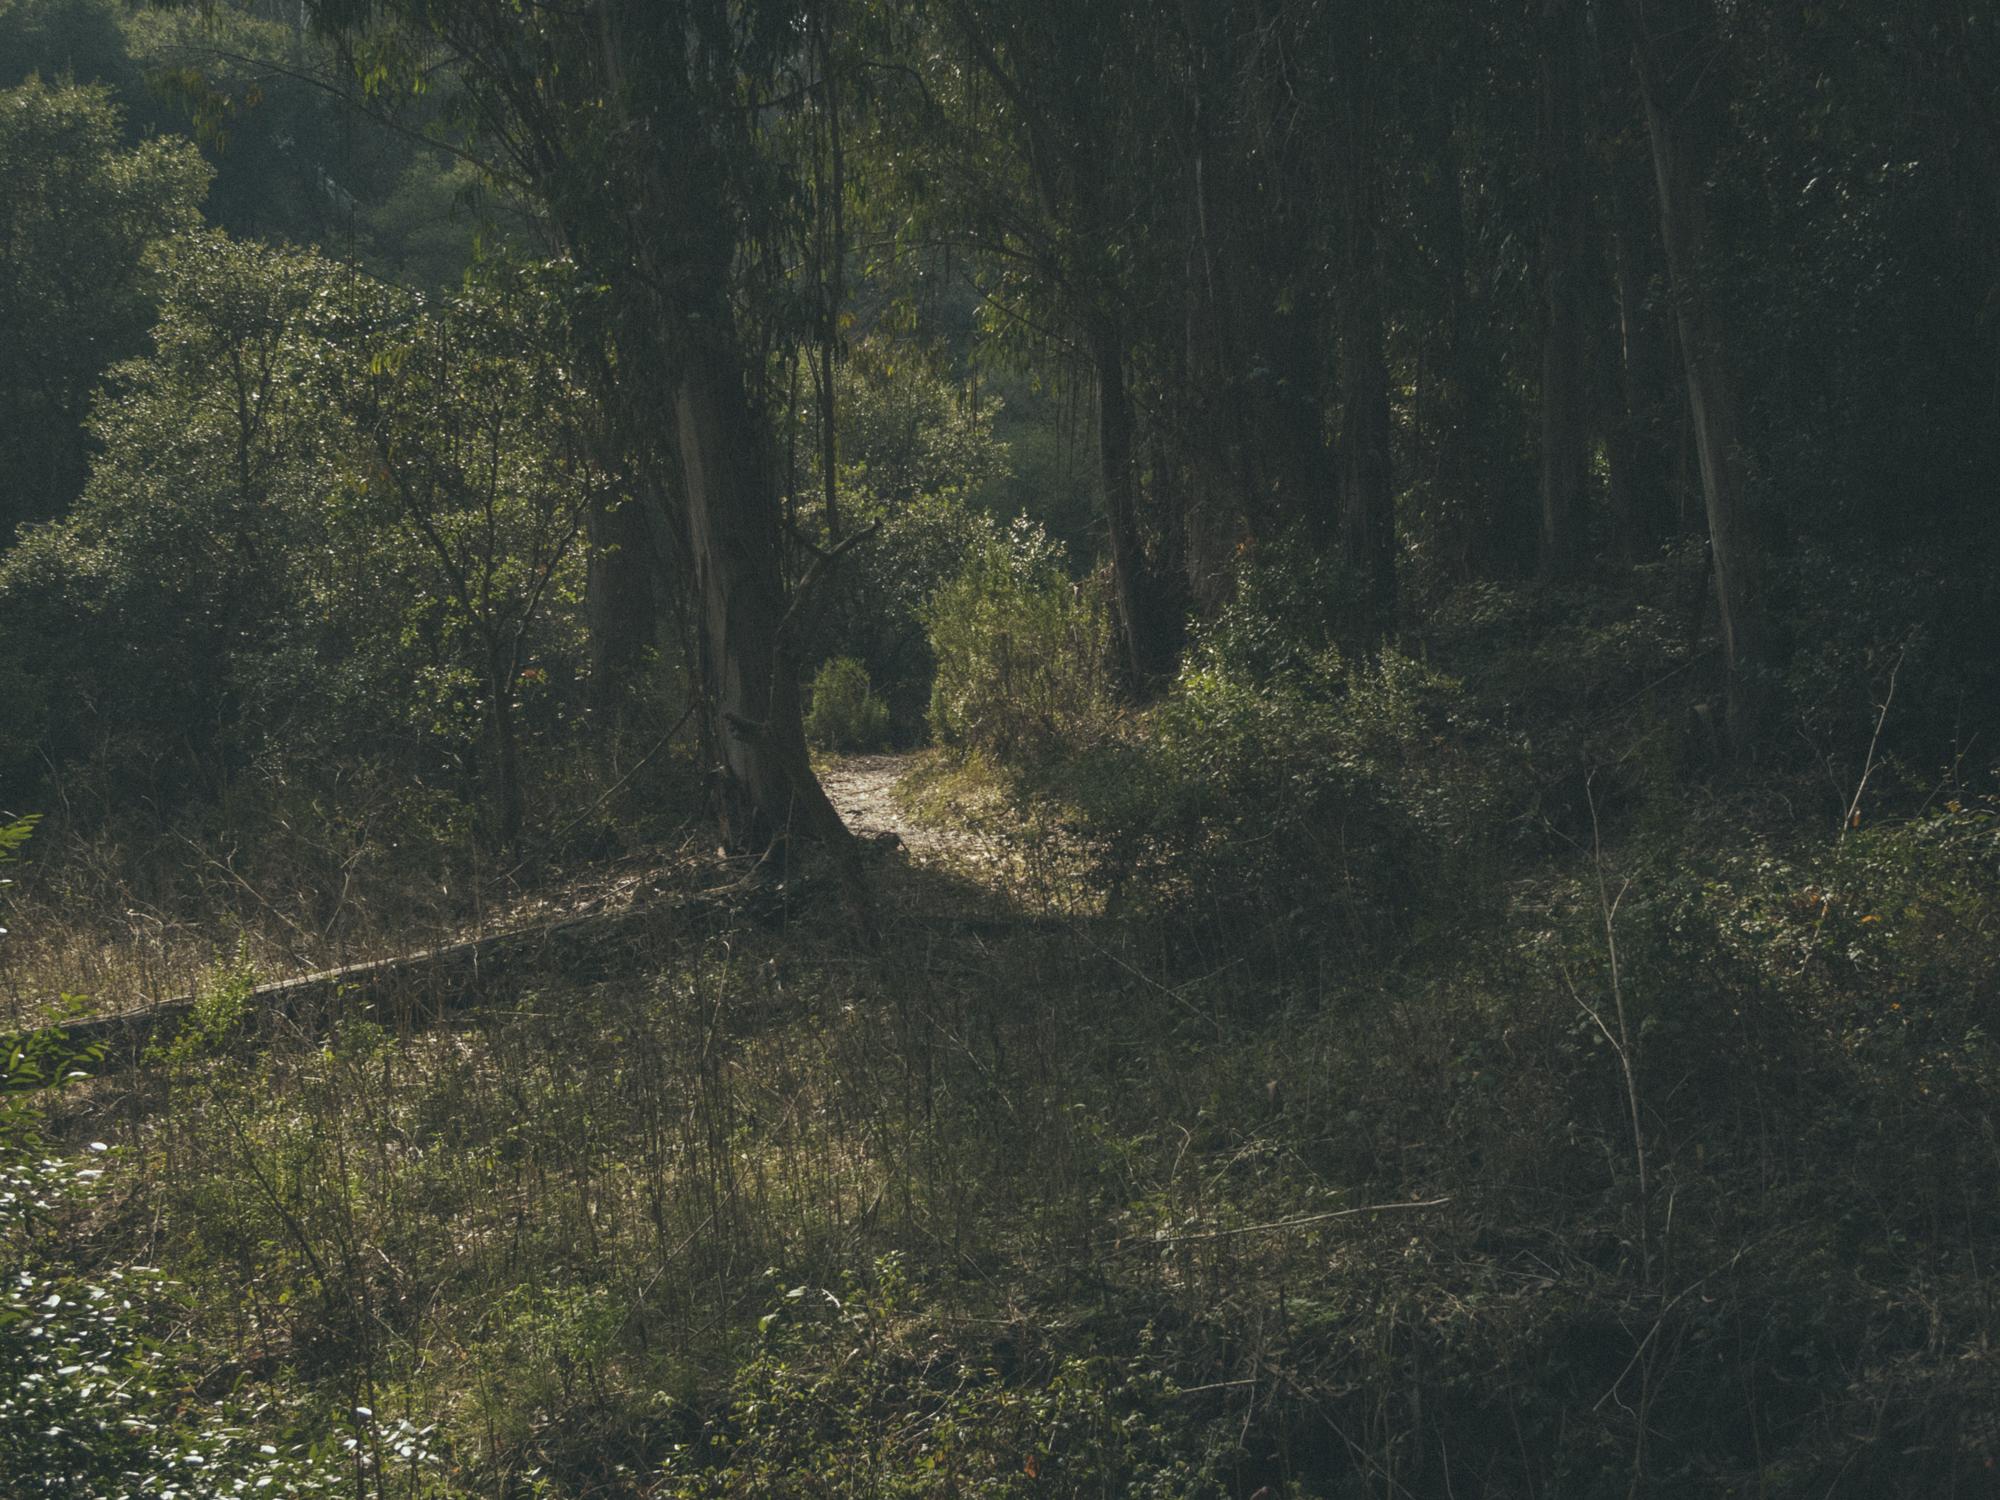 Woods-5395.jpg